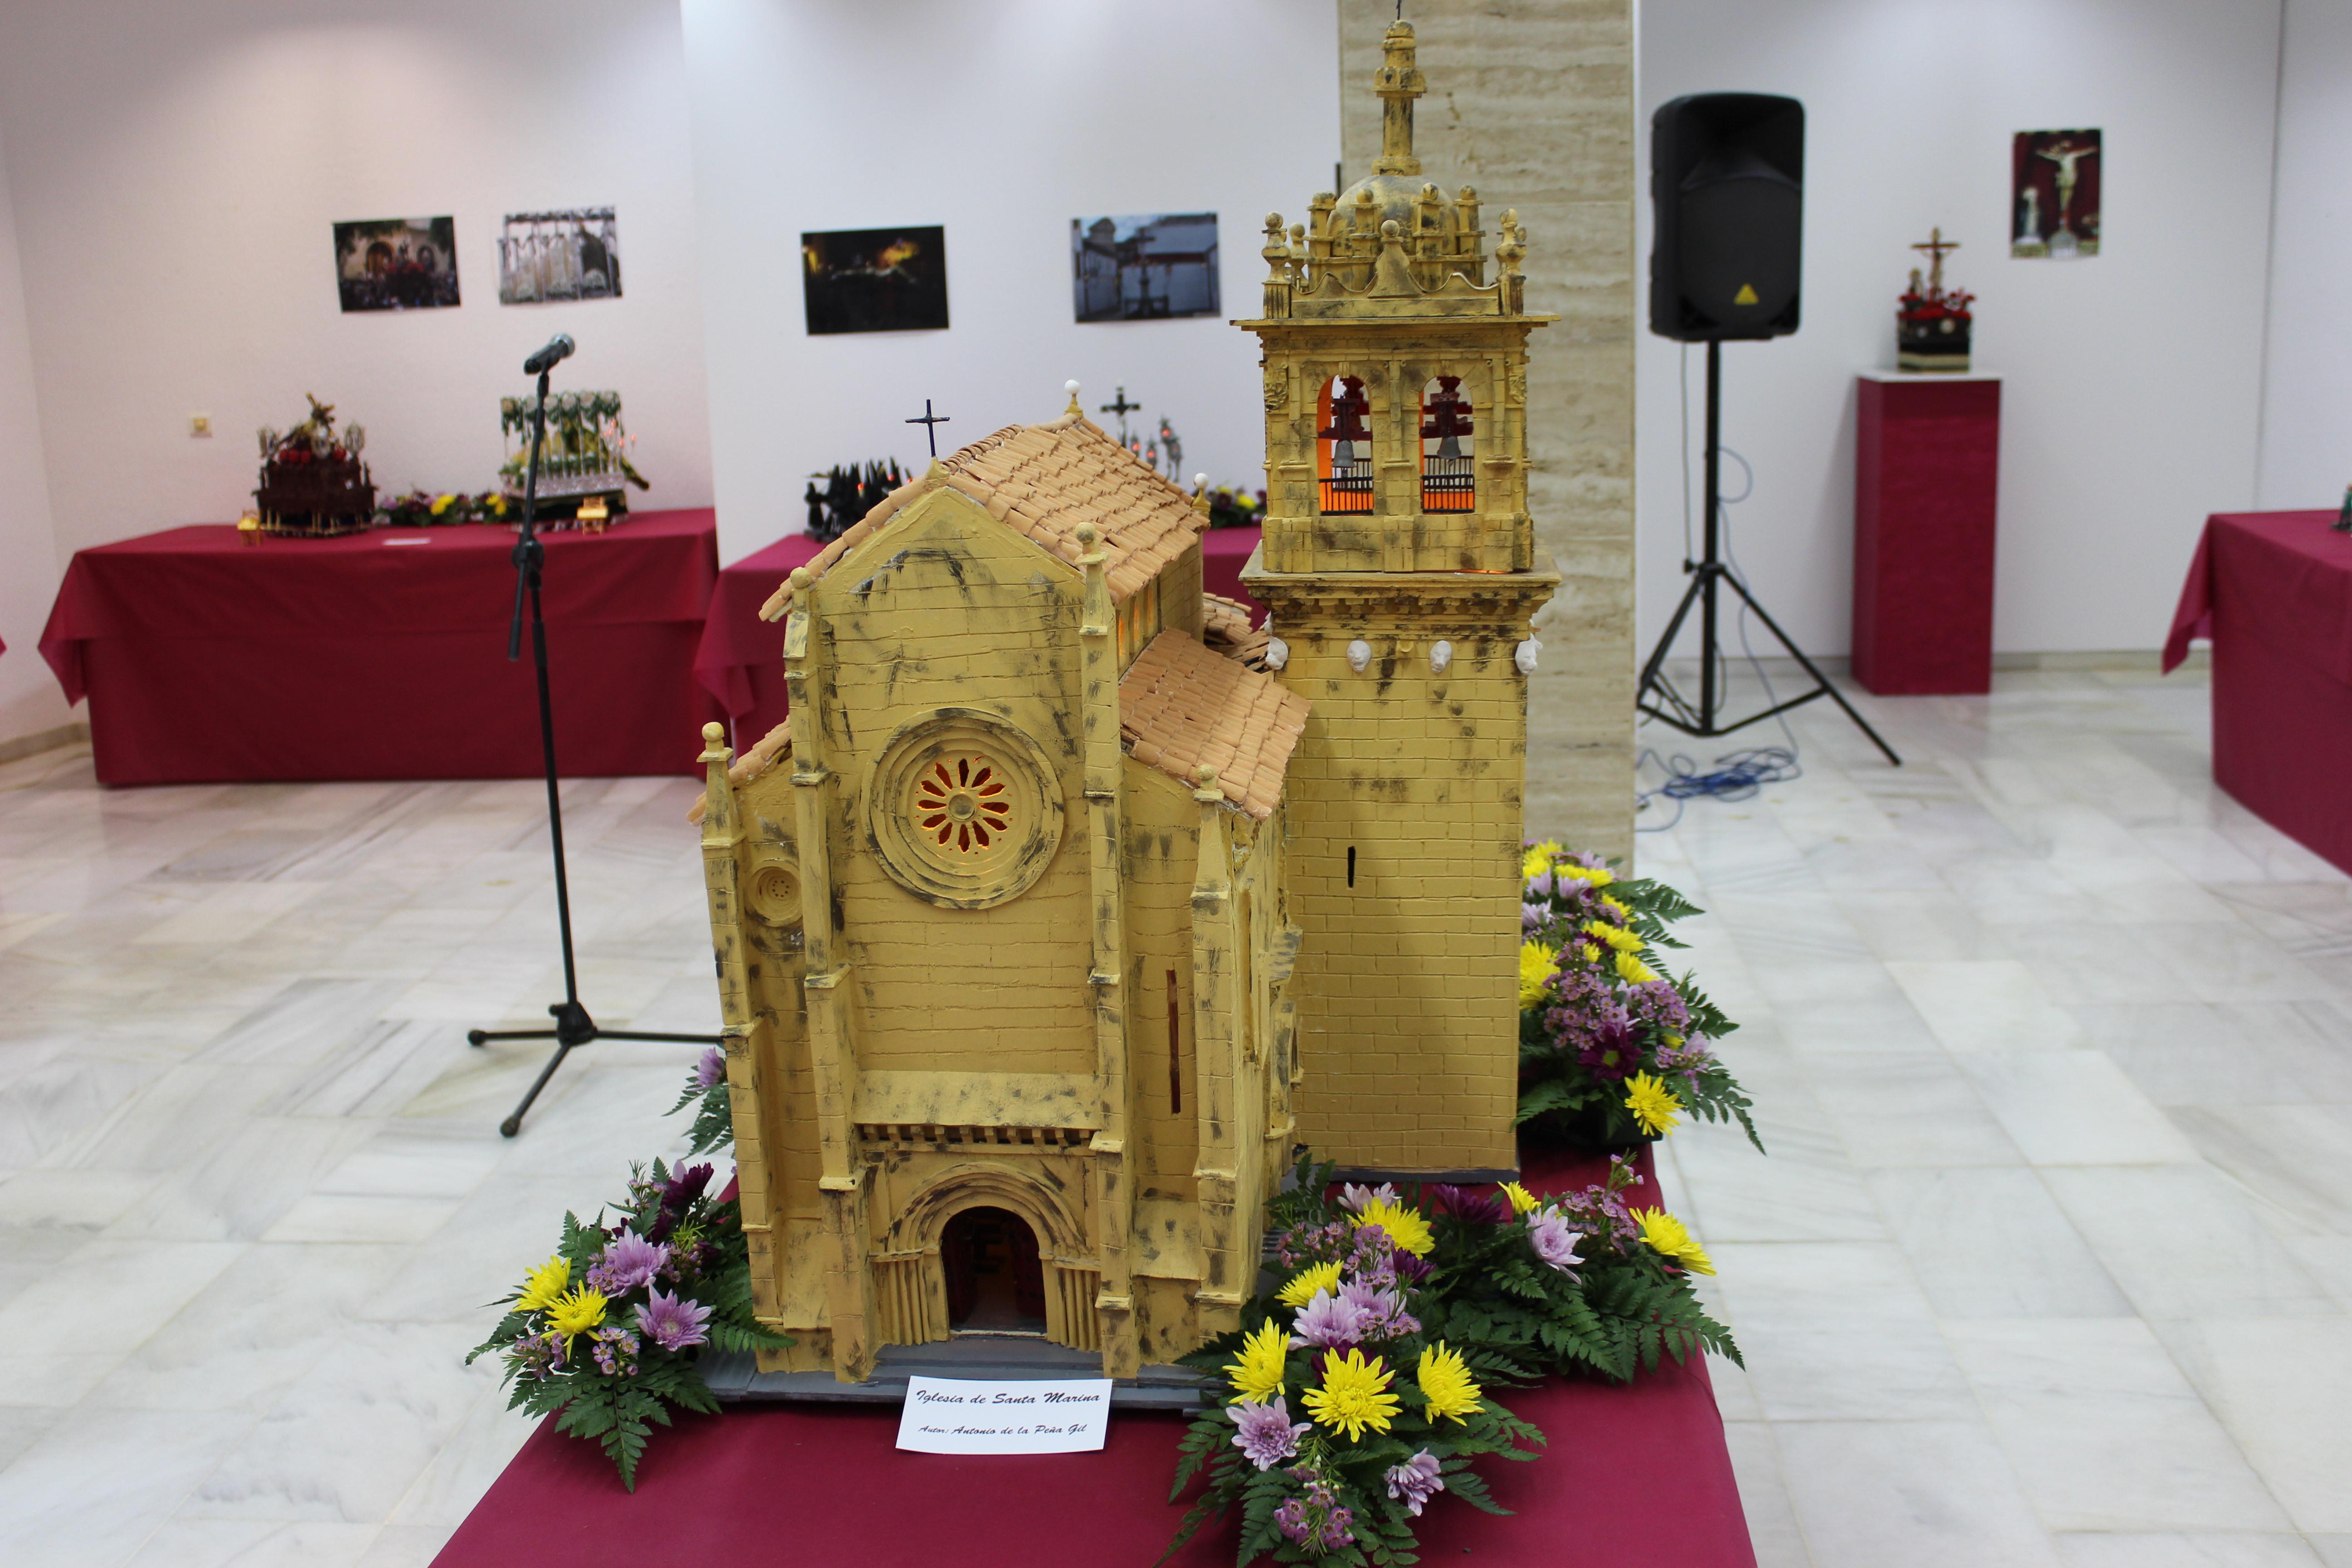 Centro Cultural Hinojosa del Duque